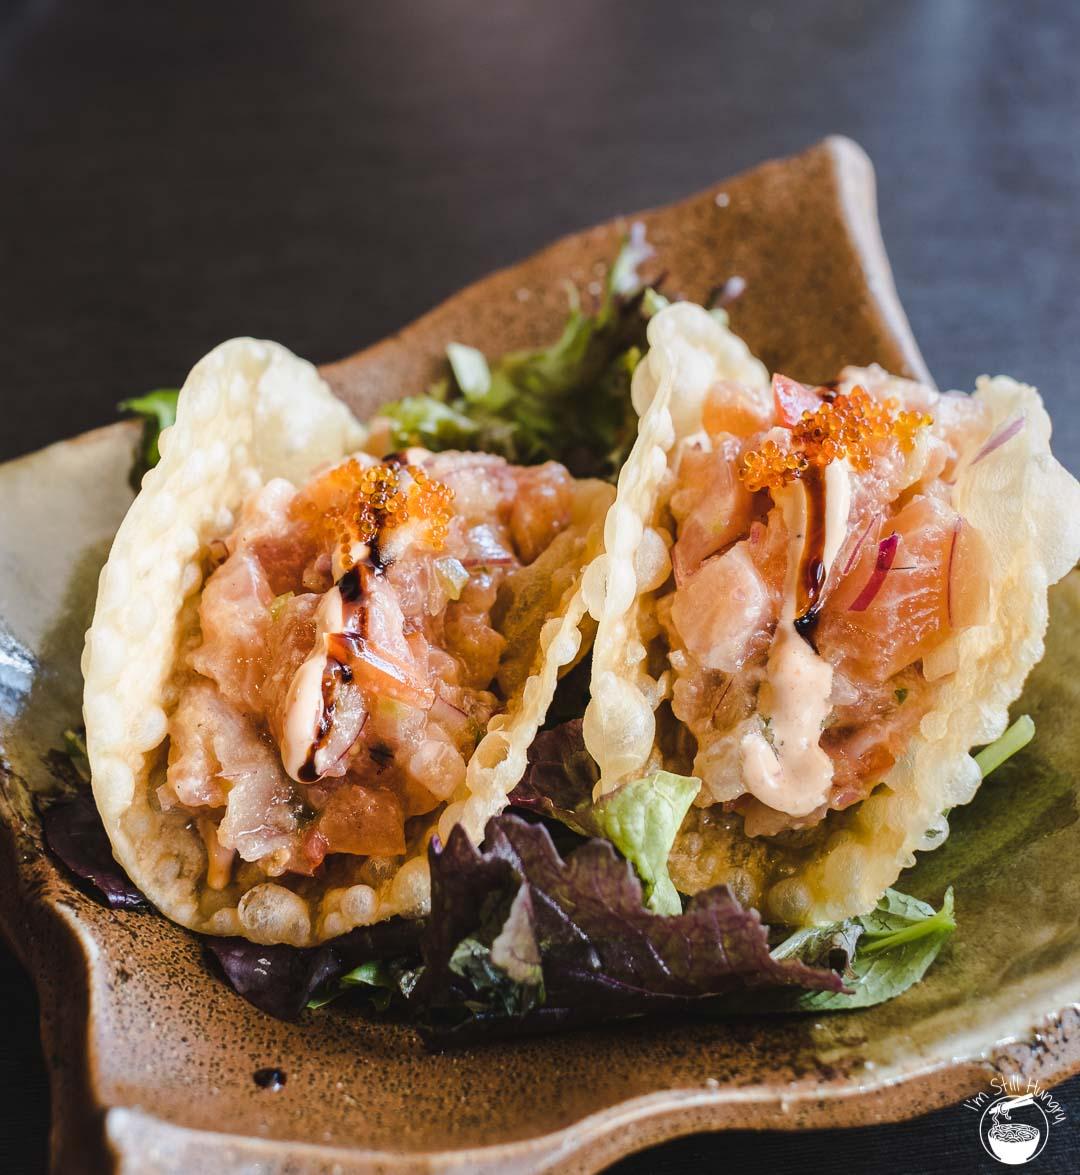 Toshiya Cremorne sashimi tacos